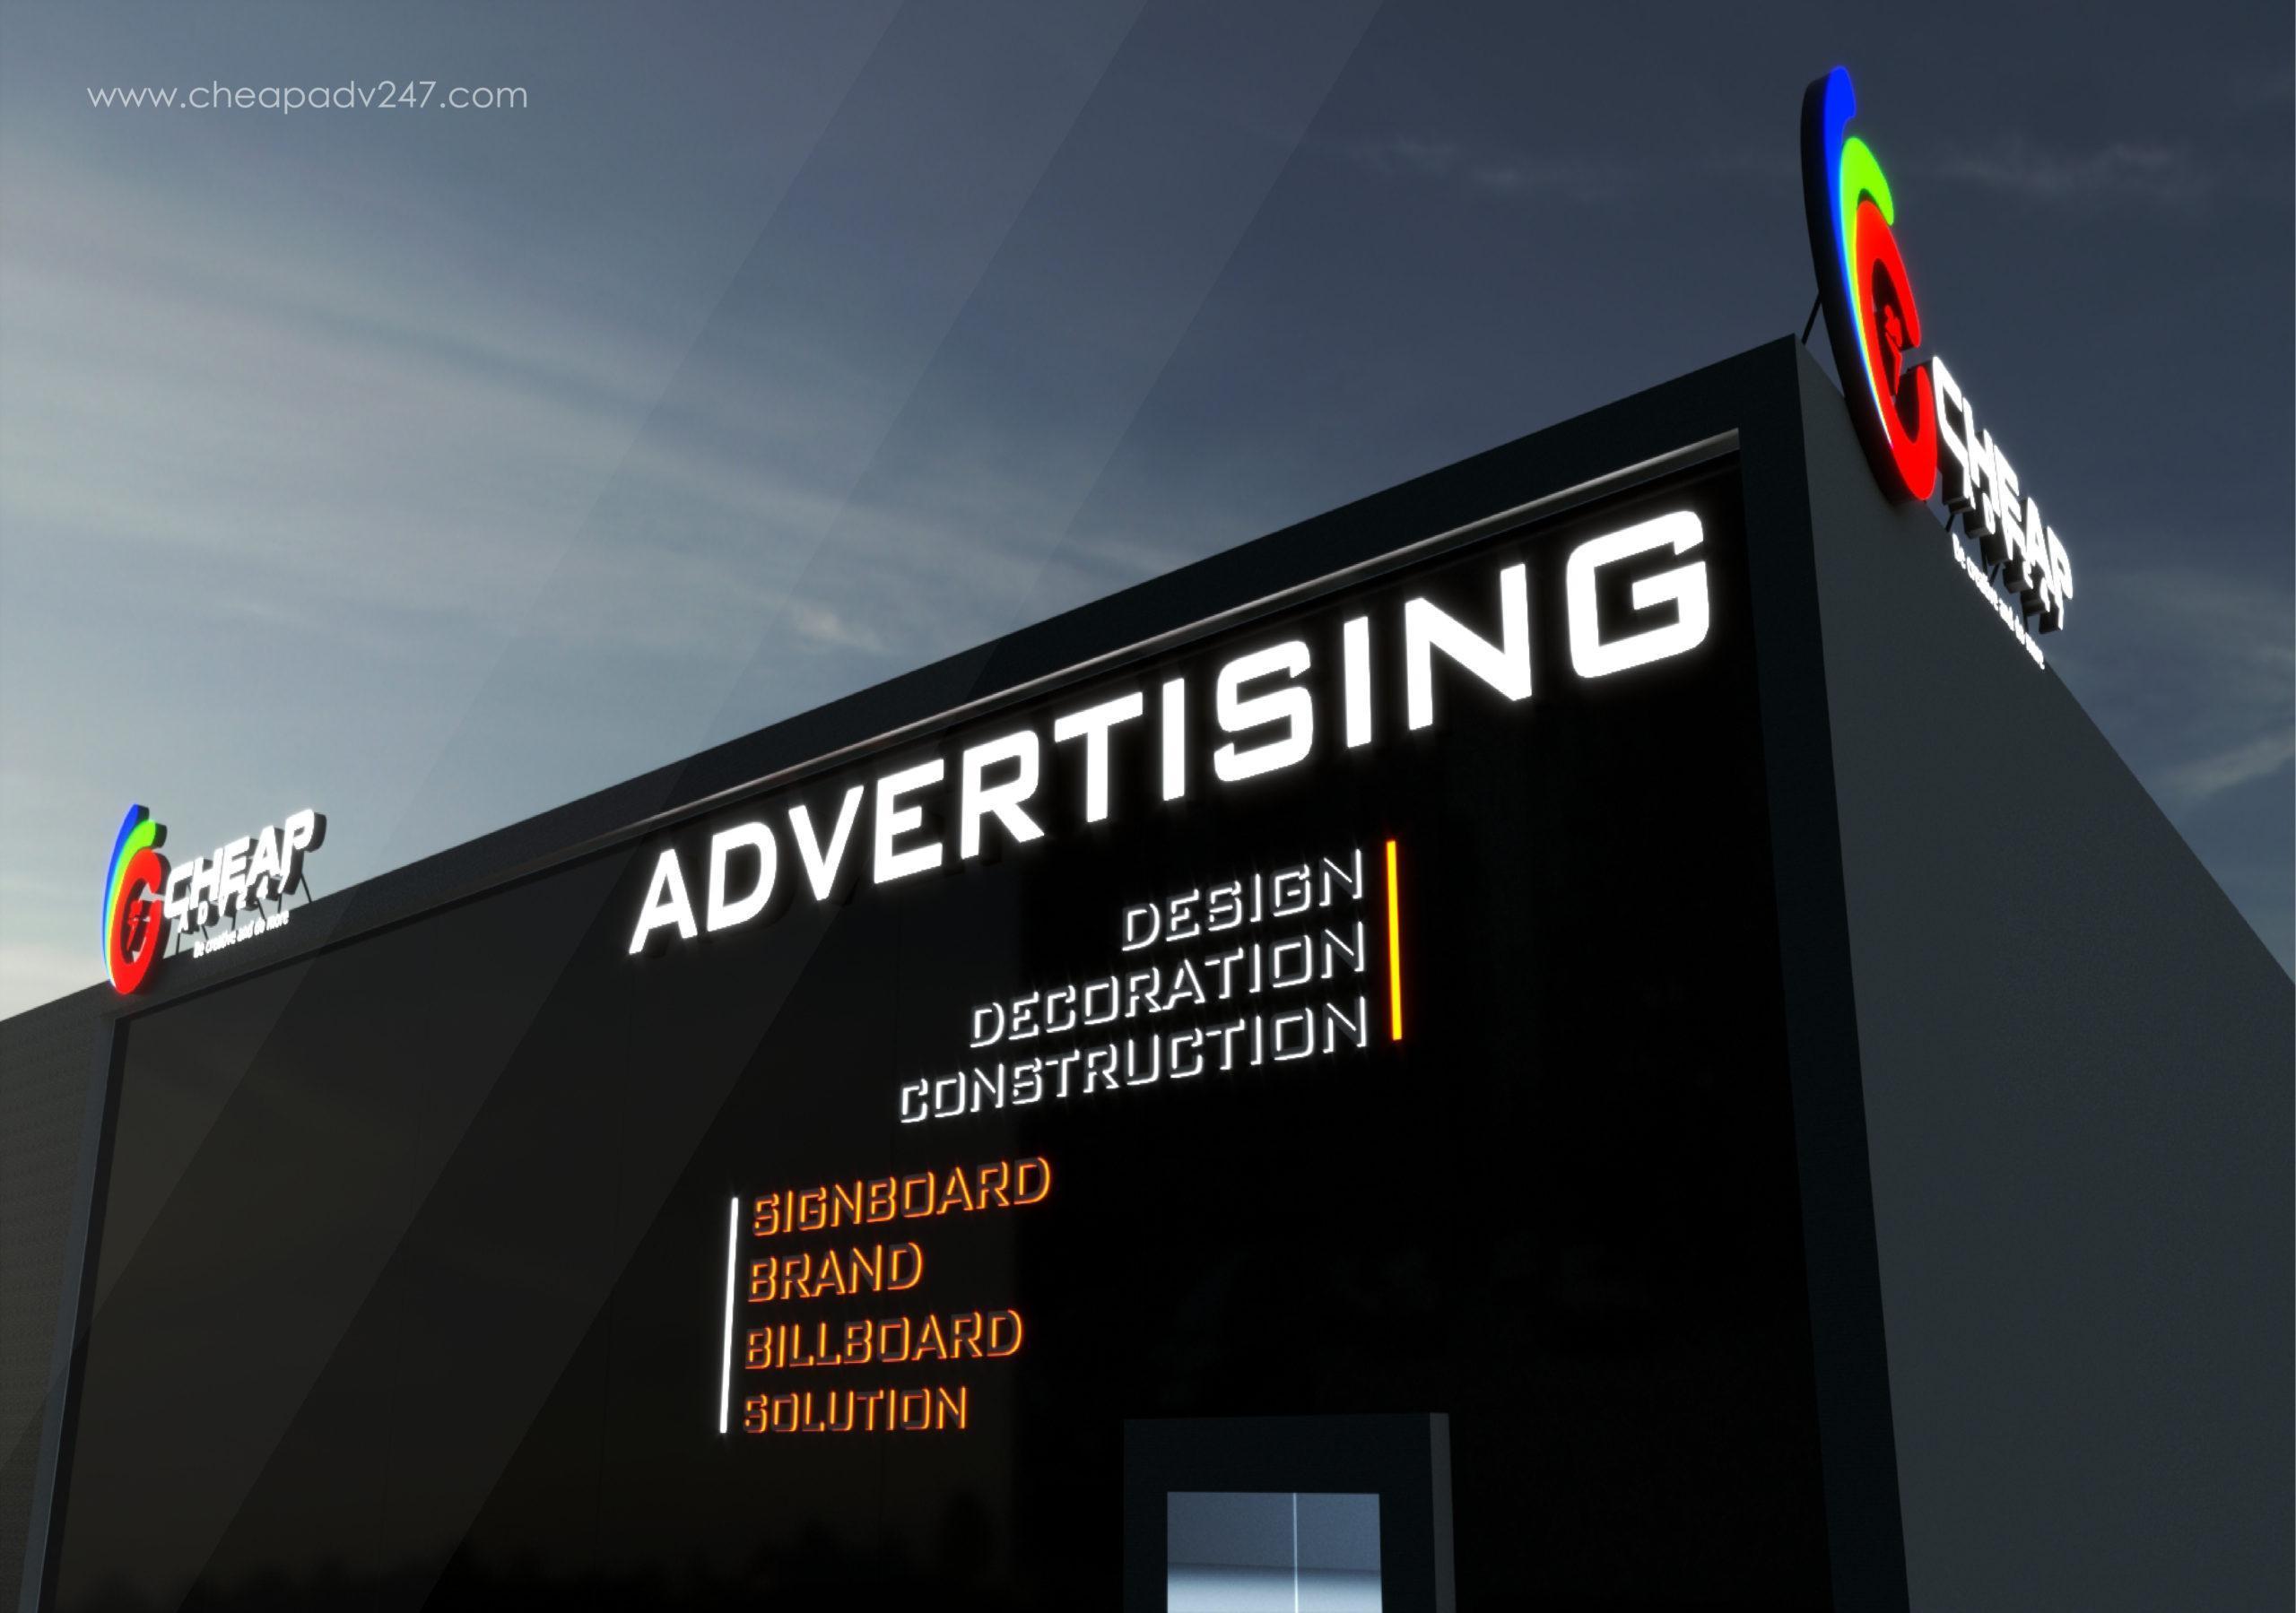 Công ty làm bảng hiệu quảng cáo Cheapadv247 rất hân hạnh được phục vụ quý khách